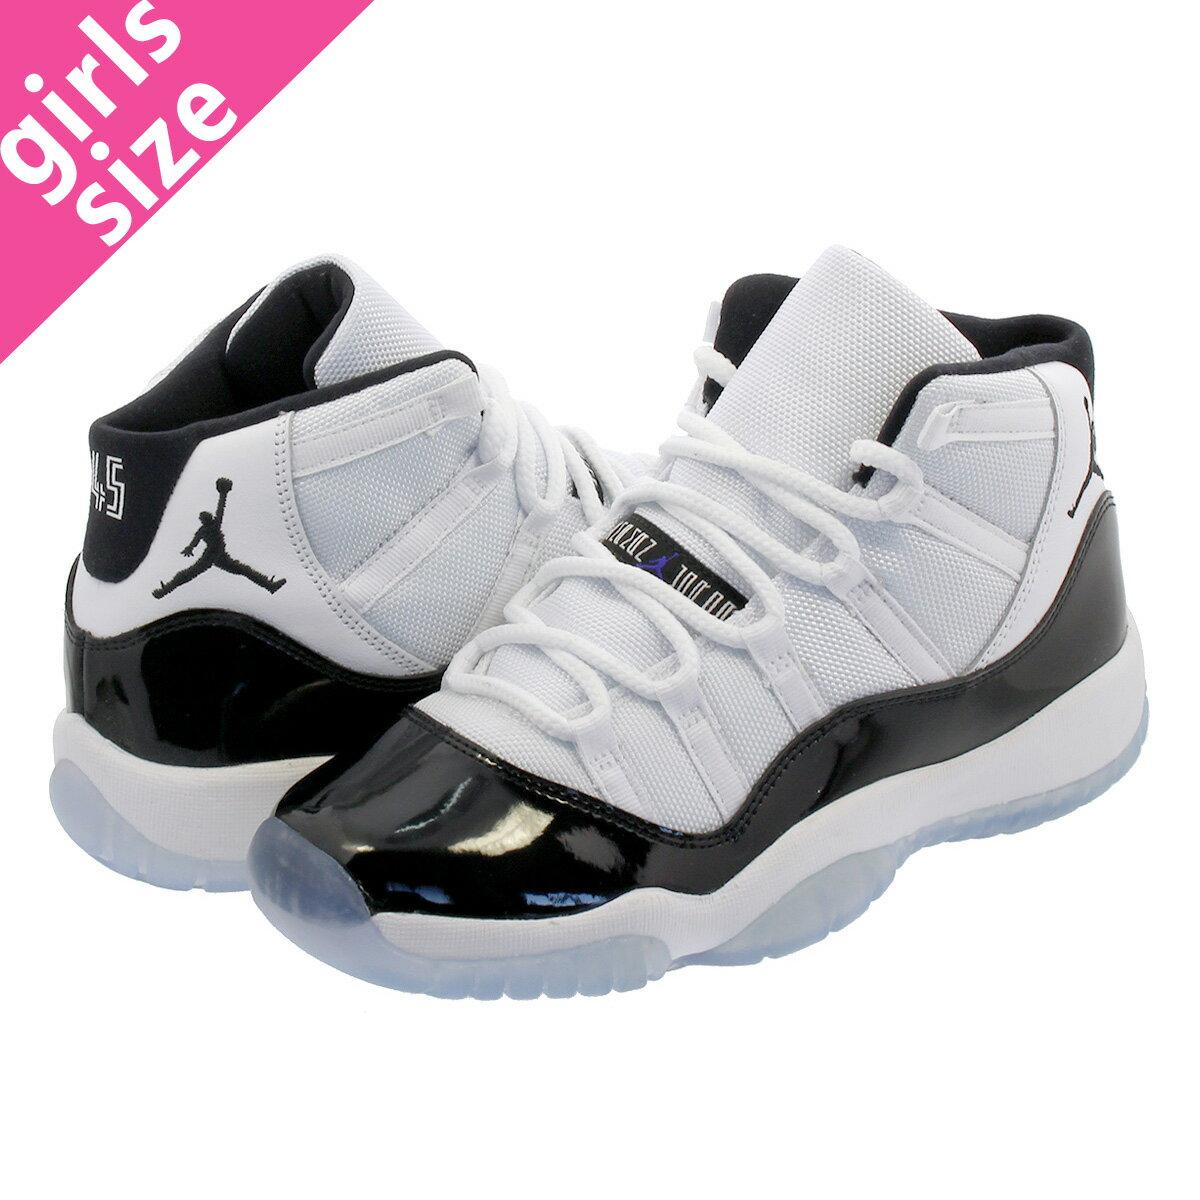 レディース靴, スニーカー NIKE AIR JORDAN 11 RETRO BG CONCORD 11 BG WHITECONCORDBLACK 378038-100